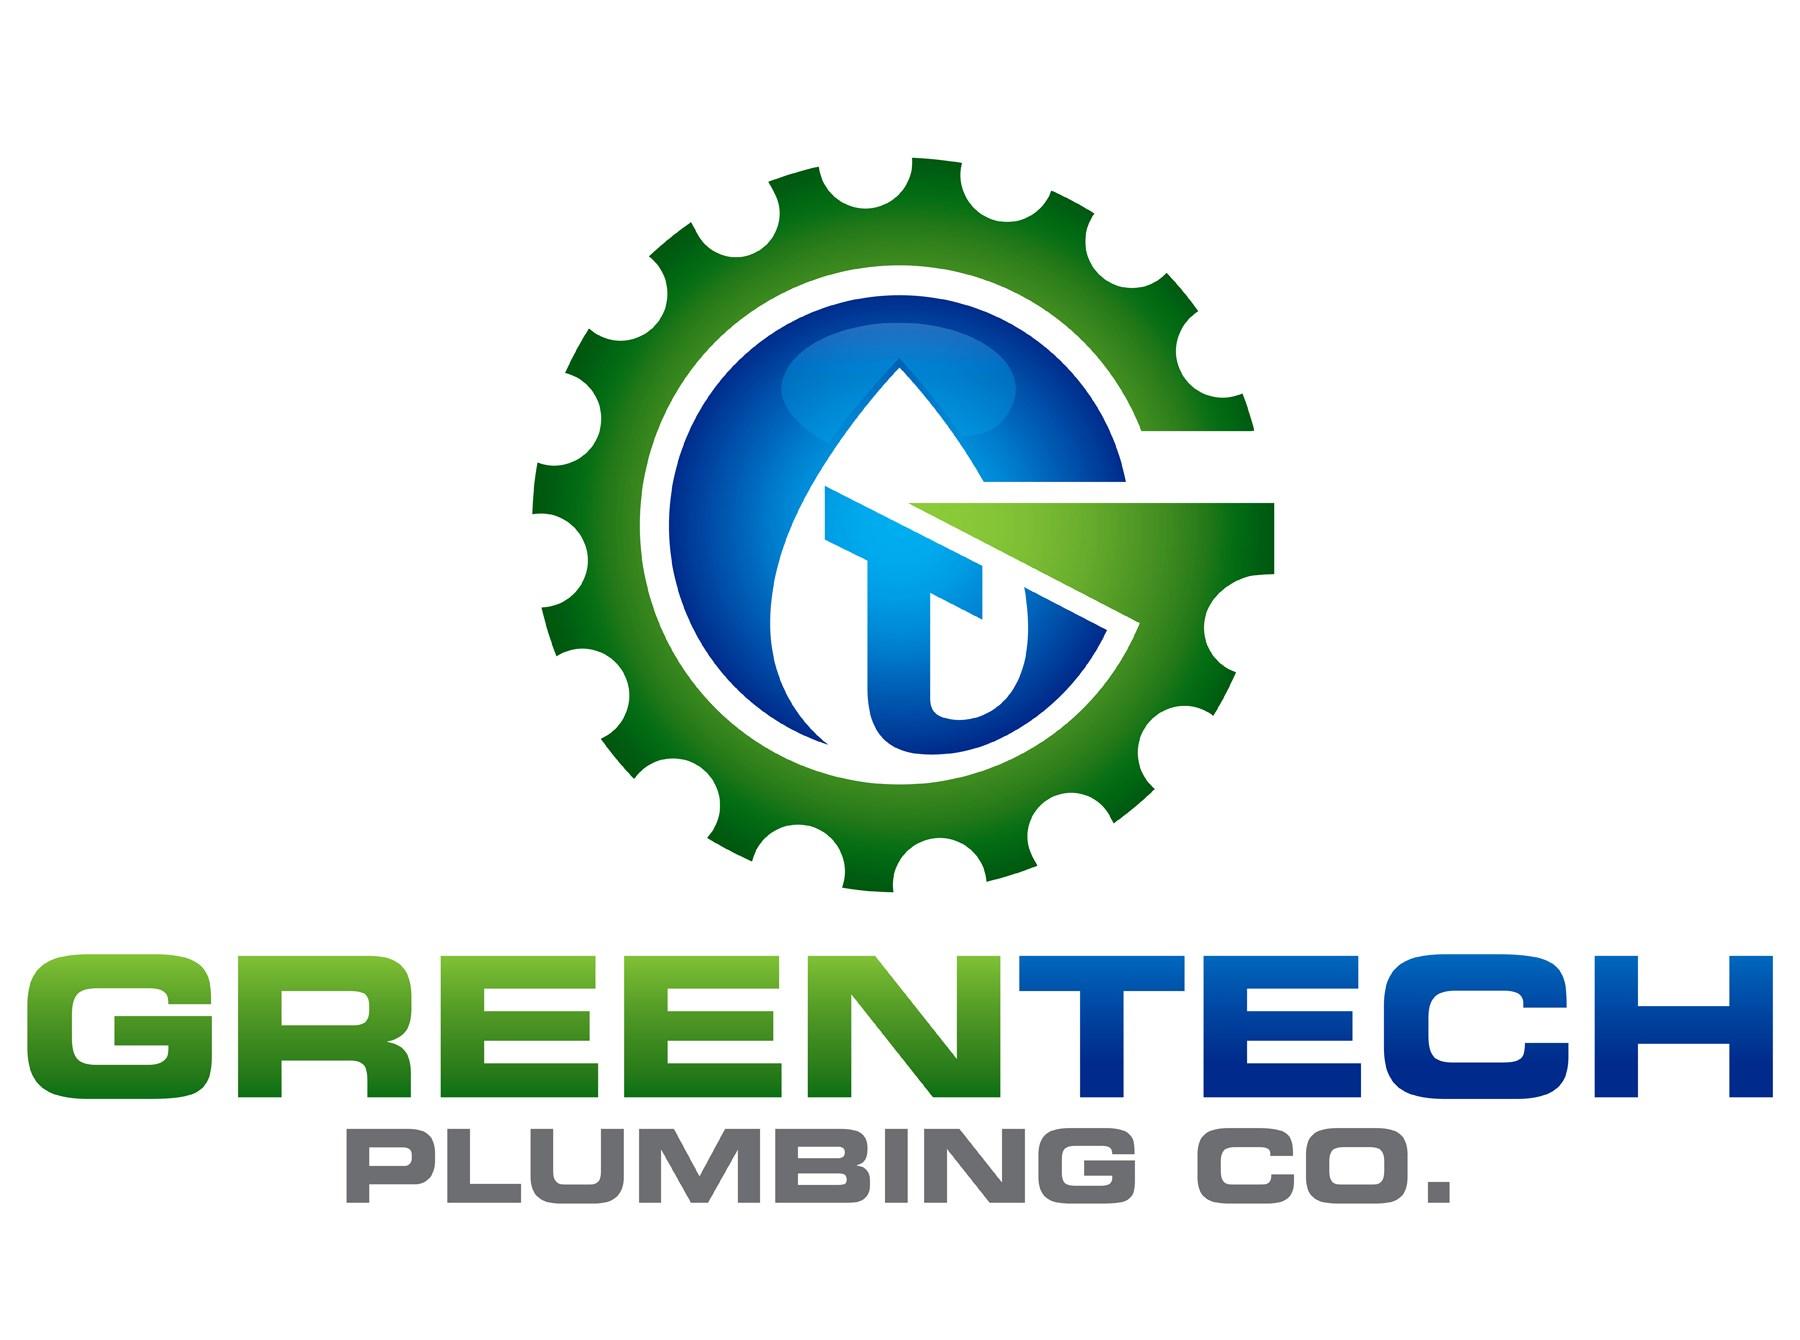 Green Tech Plumbing Co logo